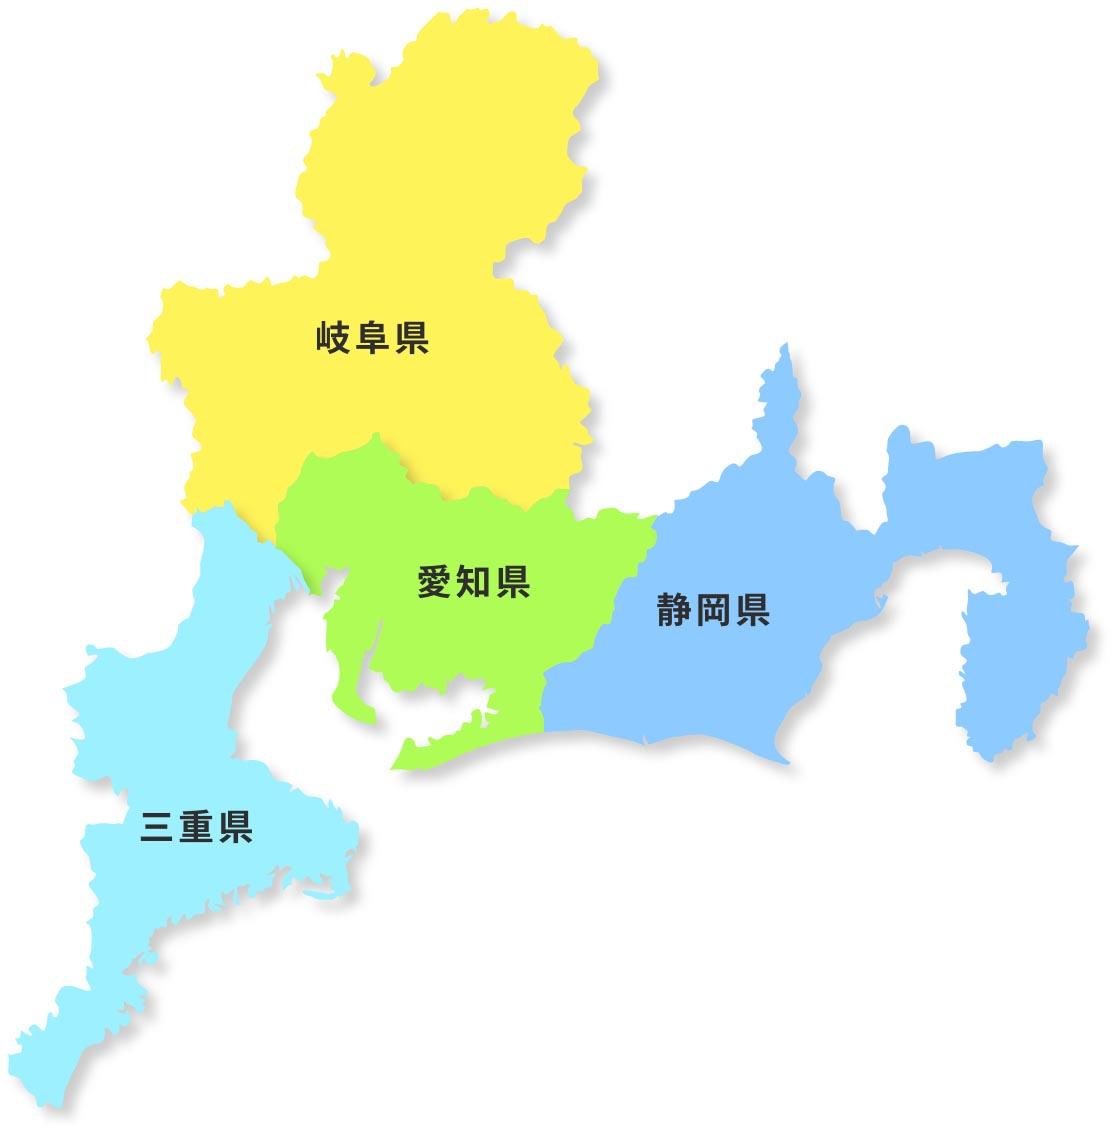 岐阜県、愛知県、静岡県、三重県